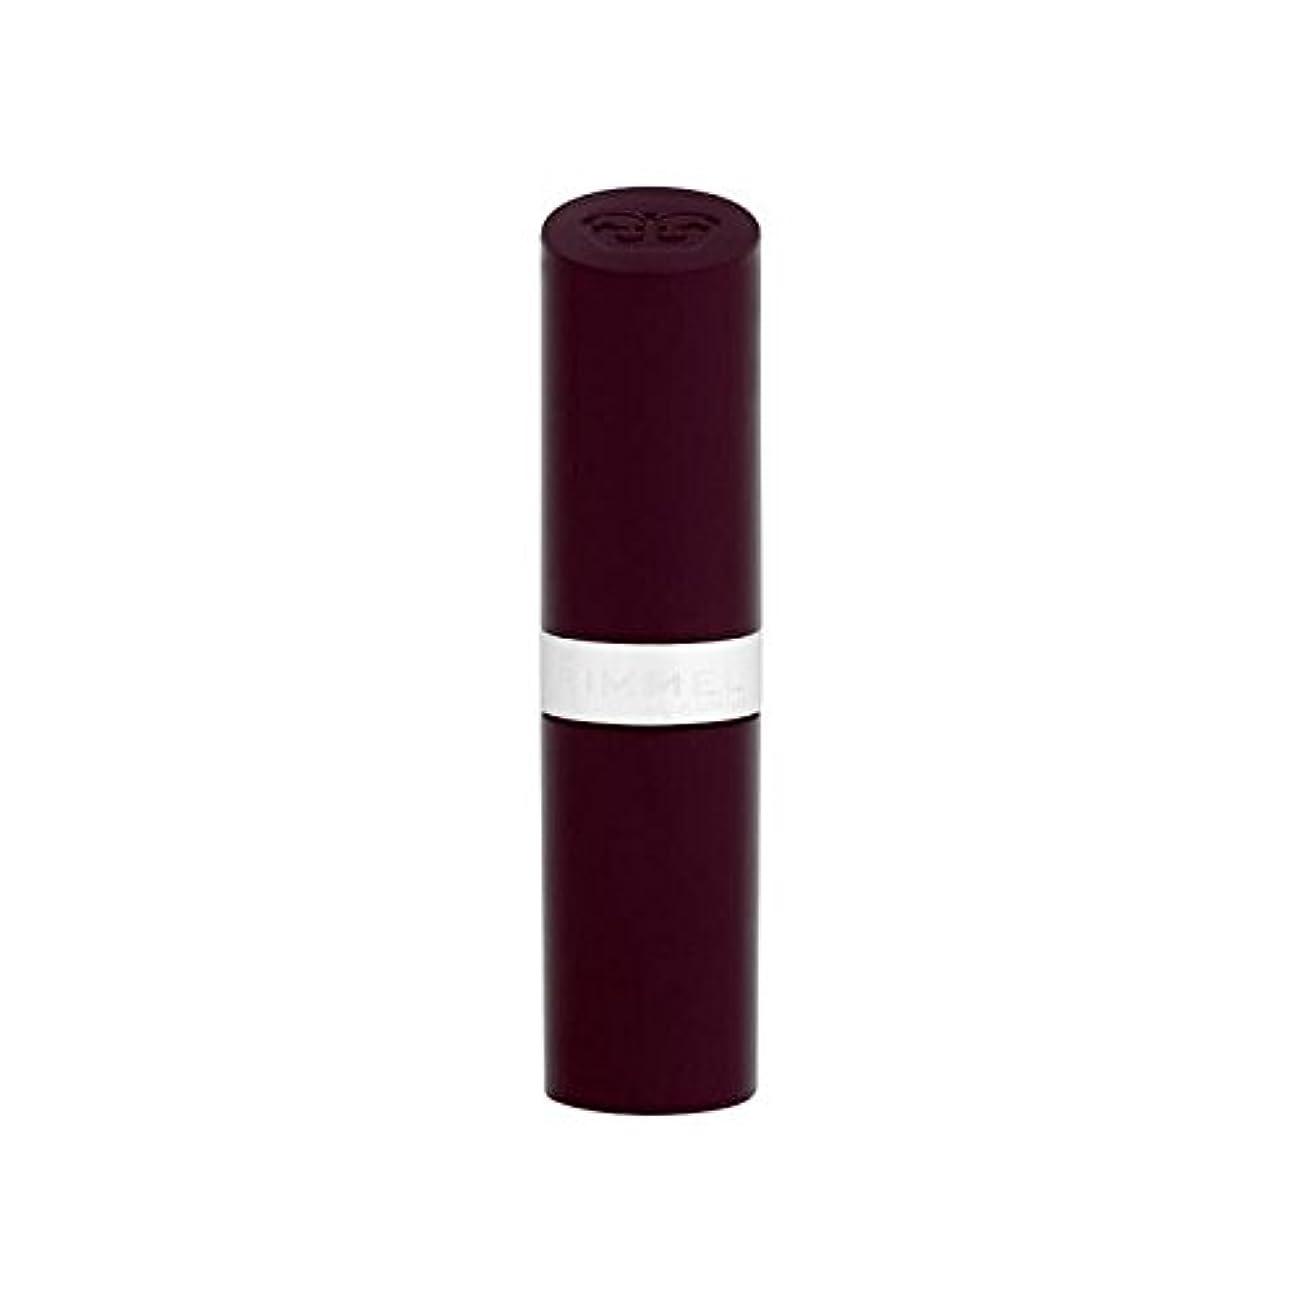 キリスト謎突然リンメル持続的な仕上げの口紅杢きらめき66 x4 - Rimmel Lasting Finish Lipstick Heather Shimmer 66 (Pack of 4) [並行輸入品]